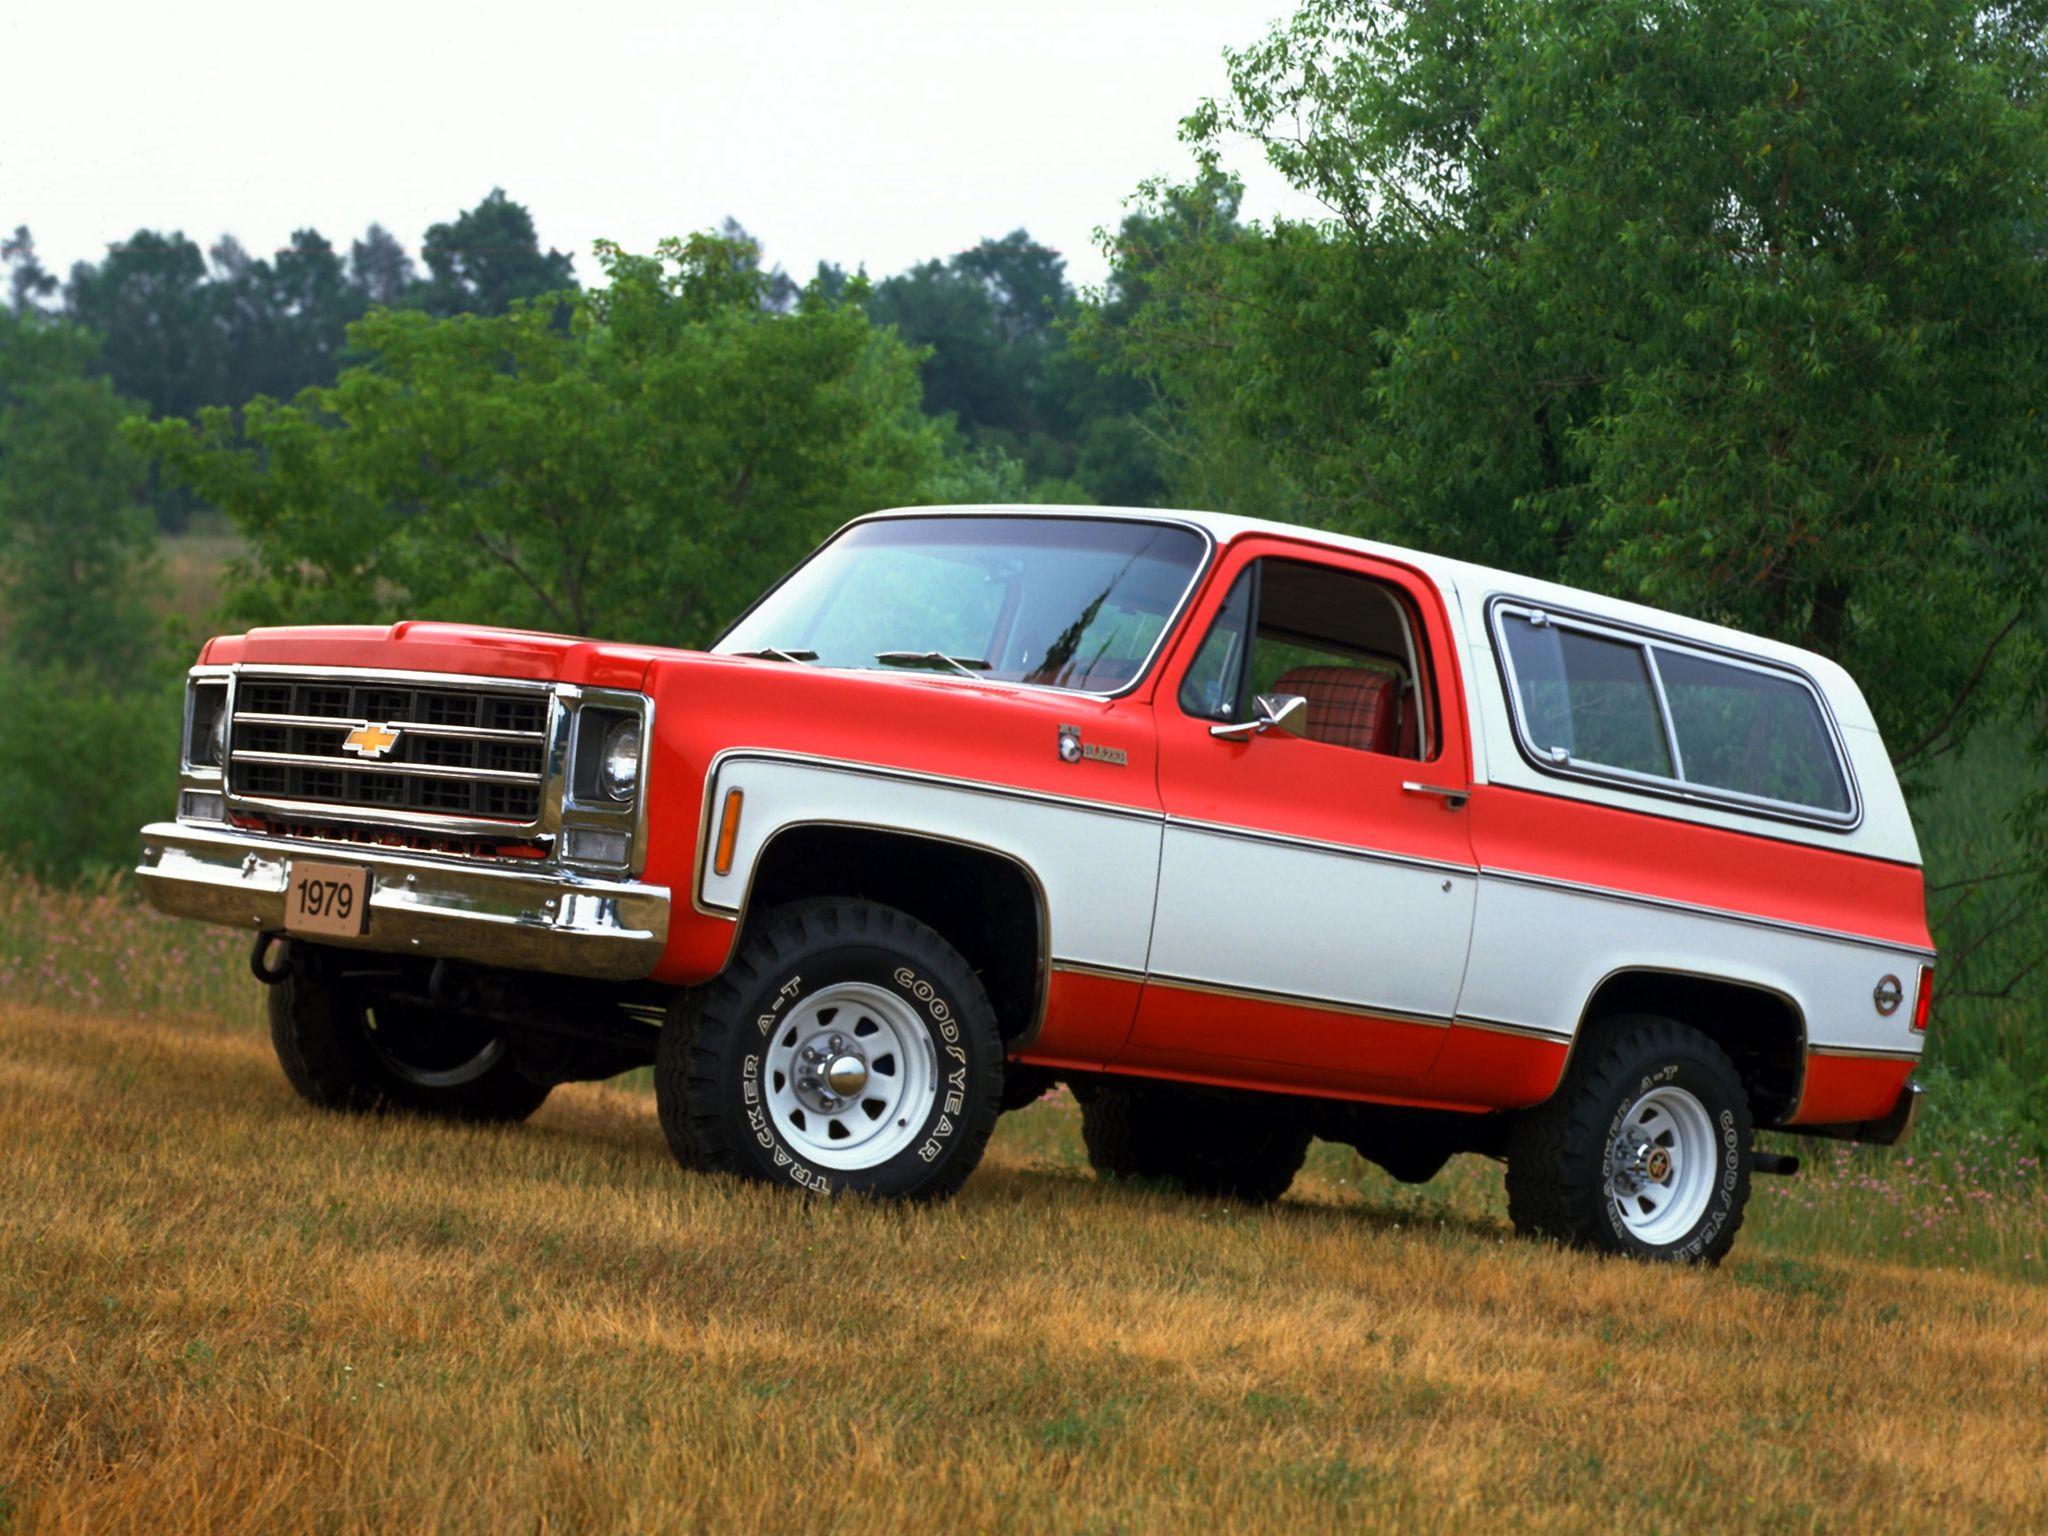 K5 Chevy Blazer 1979 Chevrolet K5 Blazer 1978 79 Coches Y